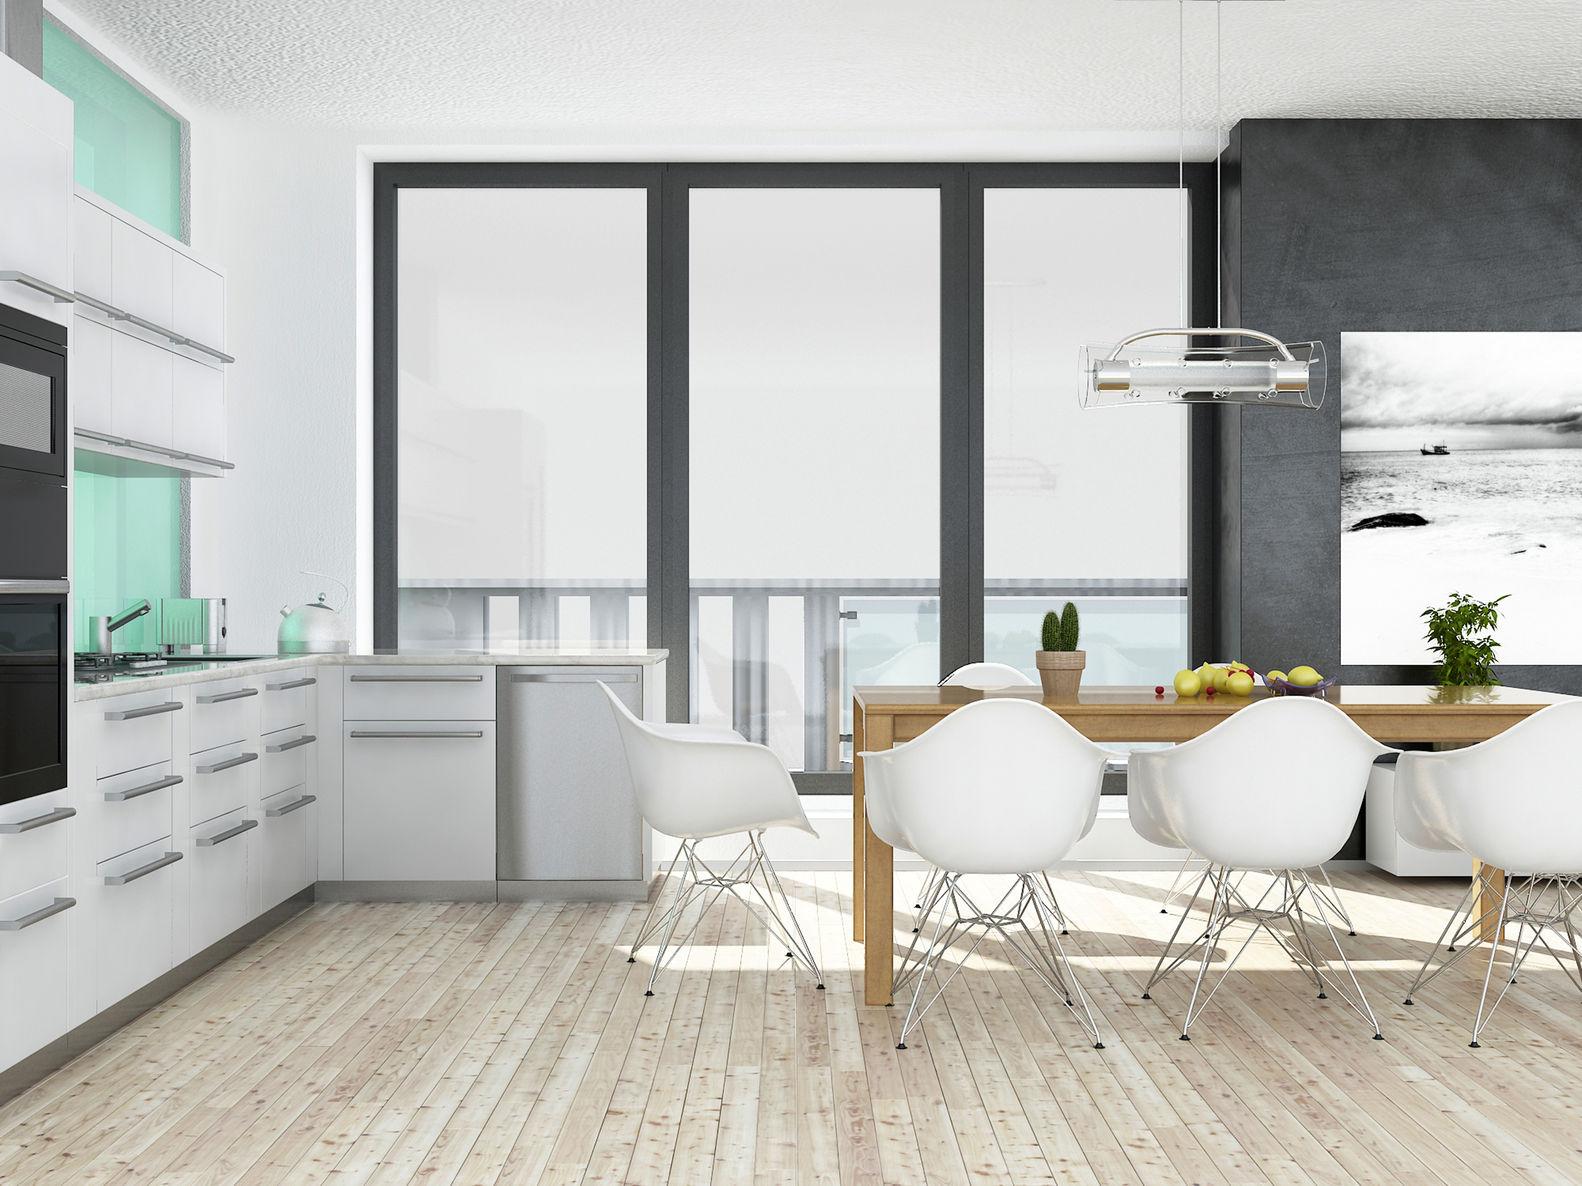 Arredare casa in stile moderno consigli e suggerimenti - Arredare casa blog ...